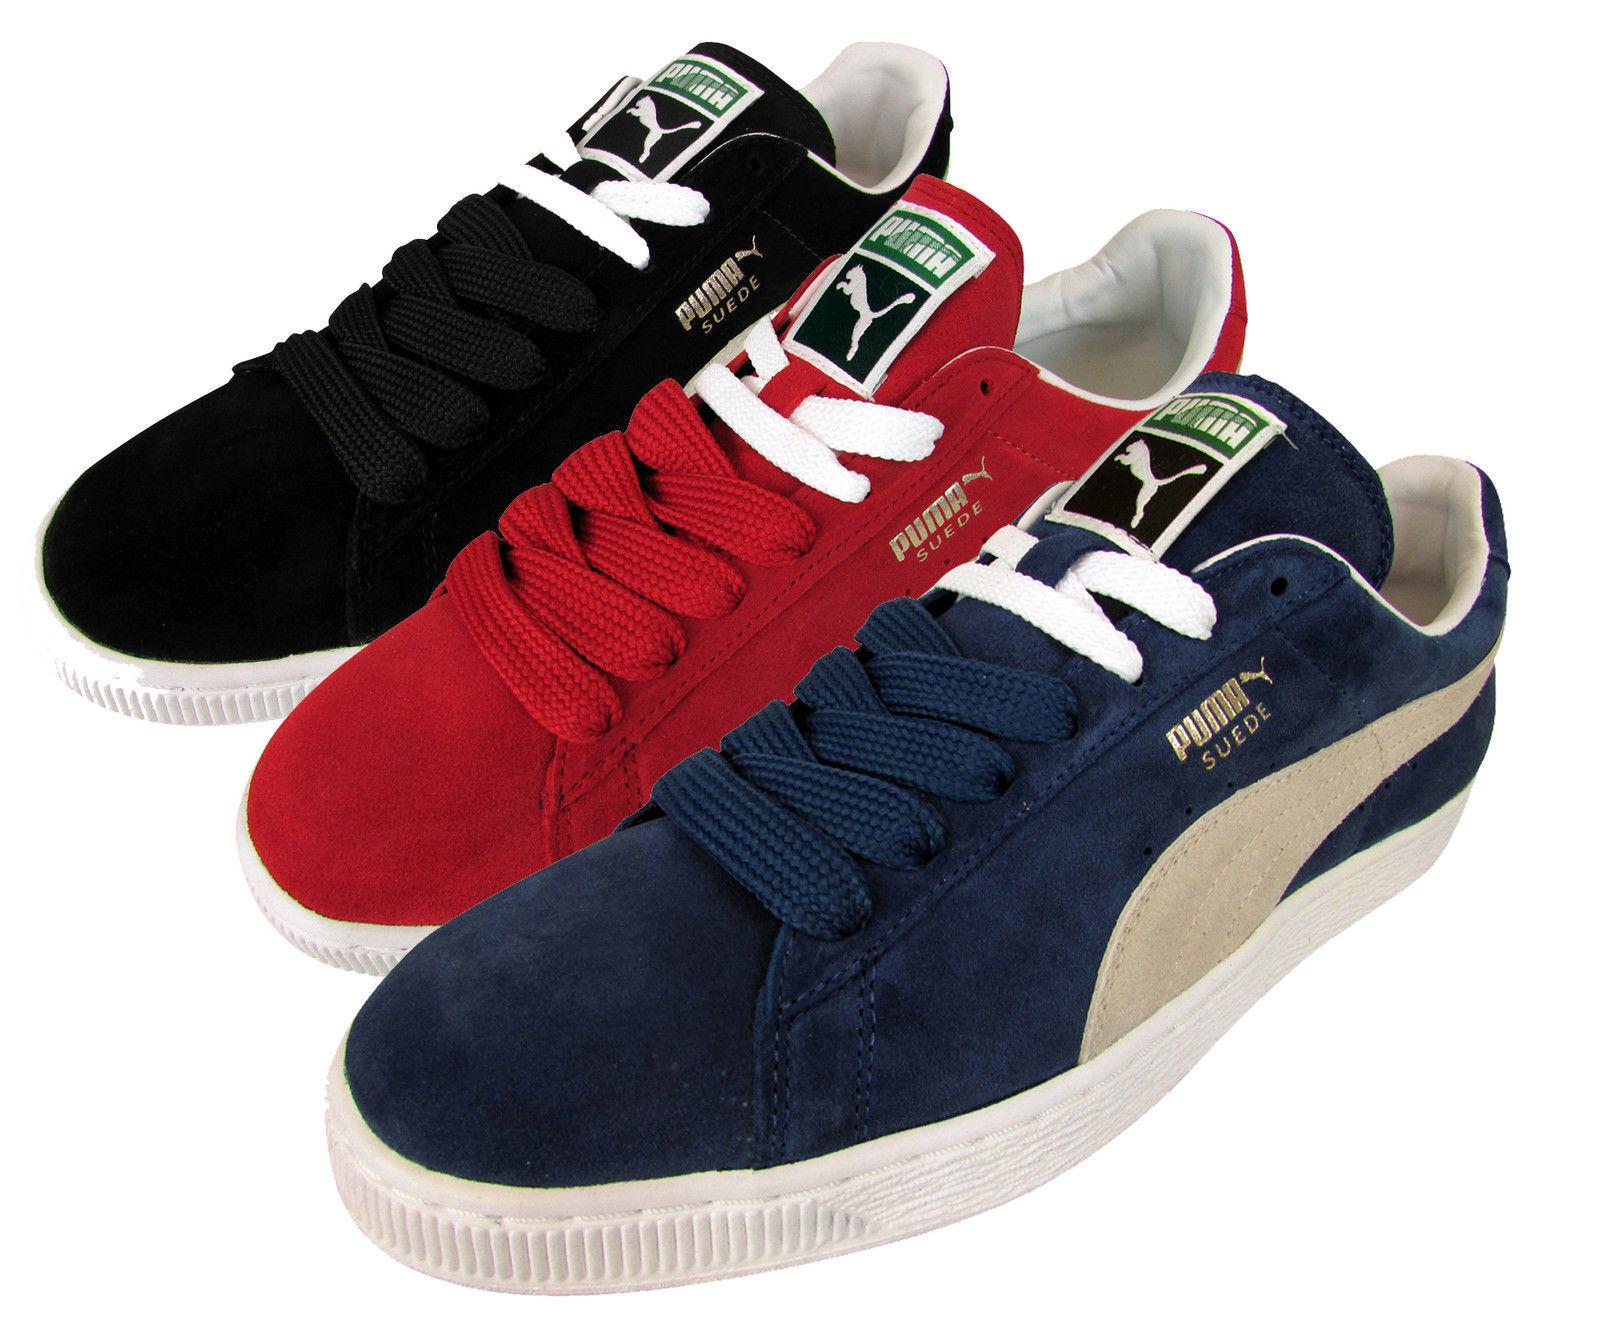 Hombre Puma Archive Suede Classic Trainer retro zapatillas zapatos de de cordones 350734 baratos zapatos de de mujer zapatos de mujer ac8041